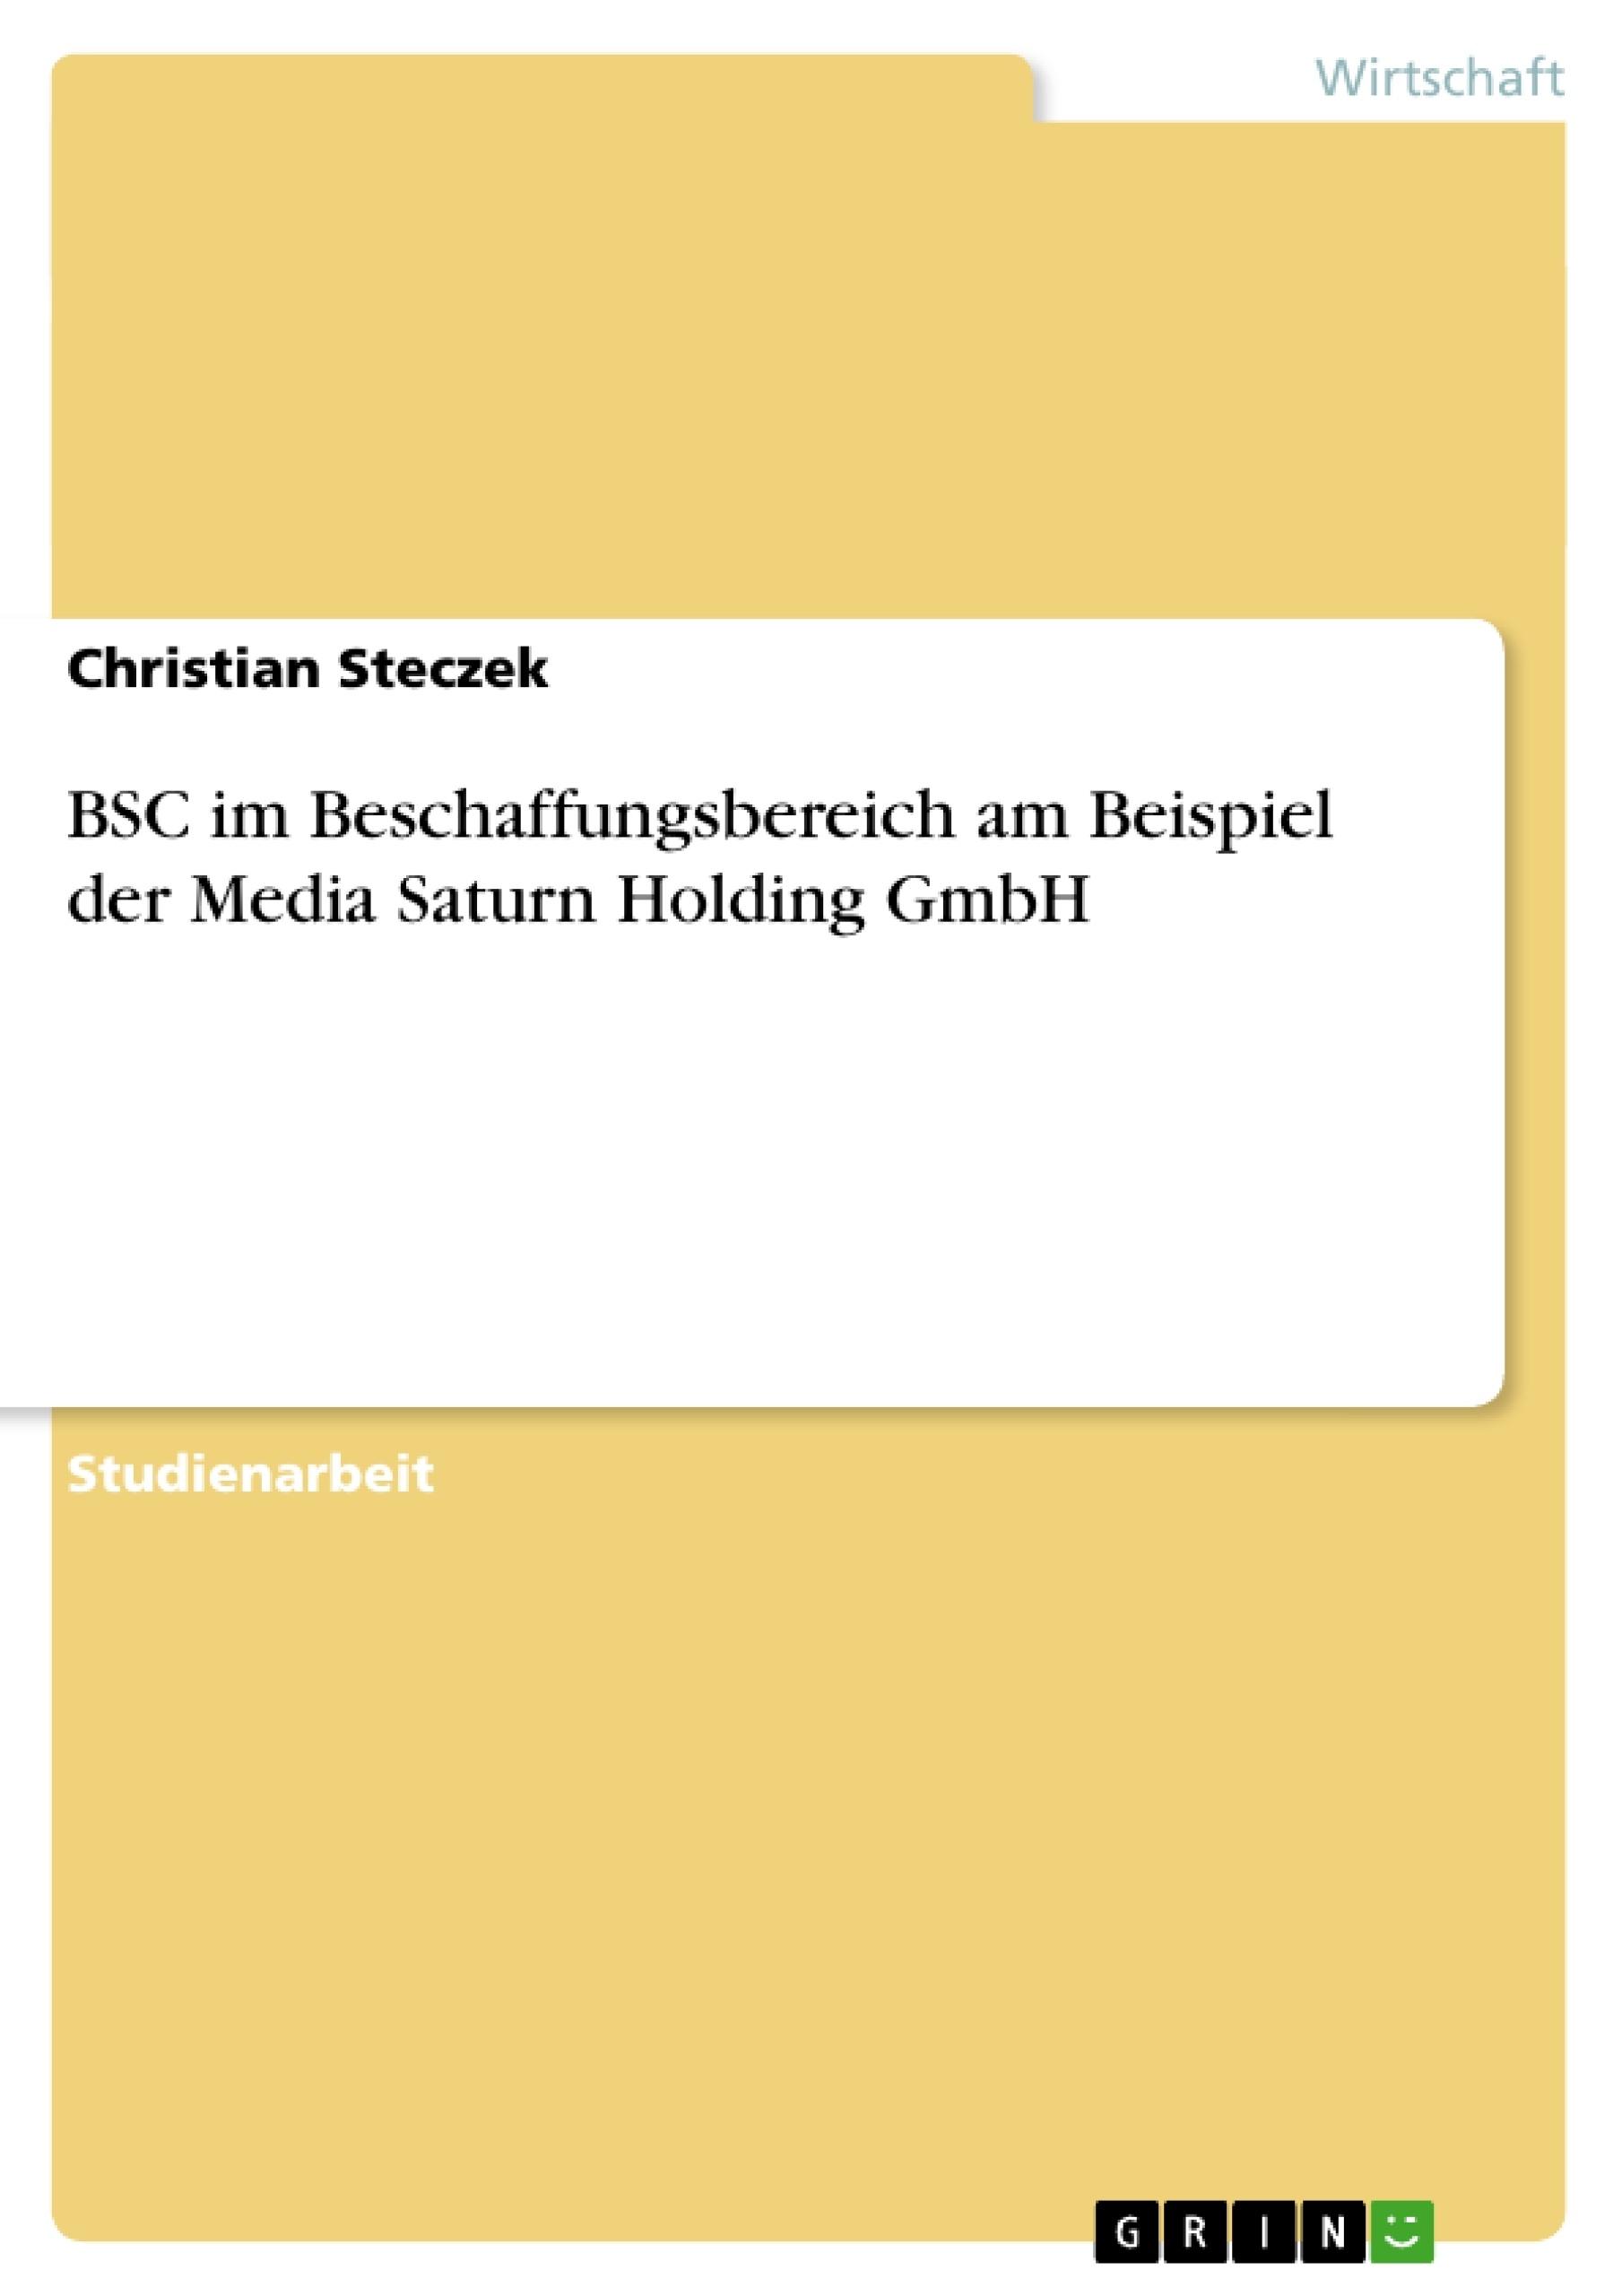 Titel: BSC im Beschaffungsbereich am Beispiel der Media Saturn Holding GmbH